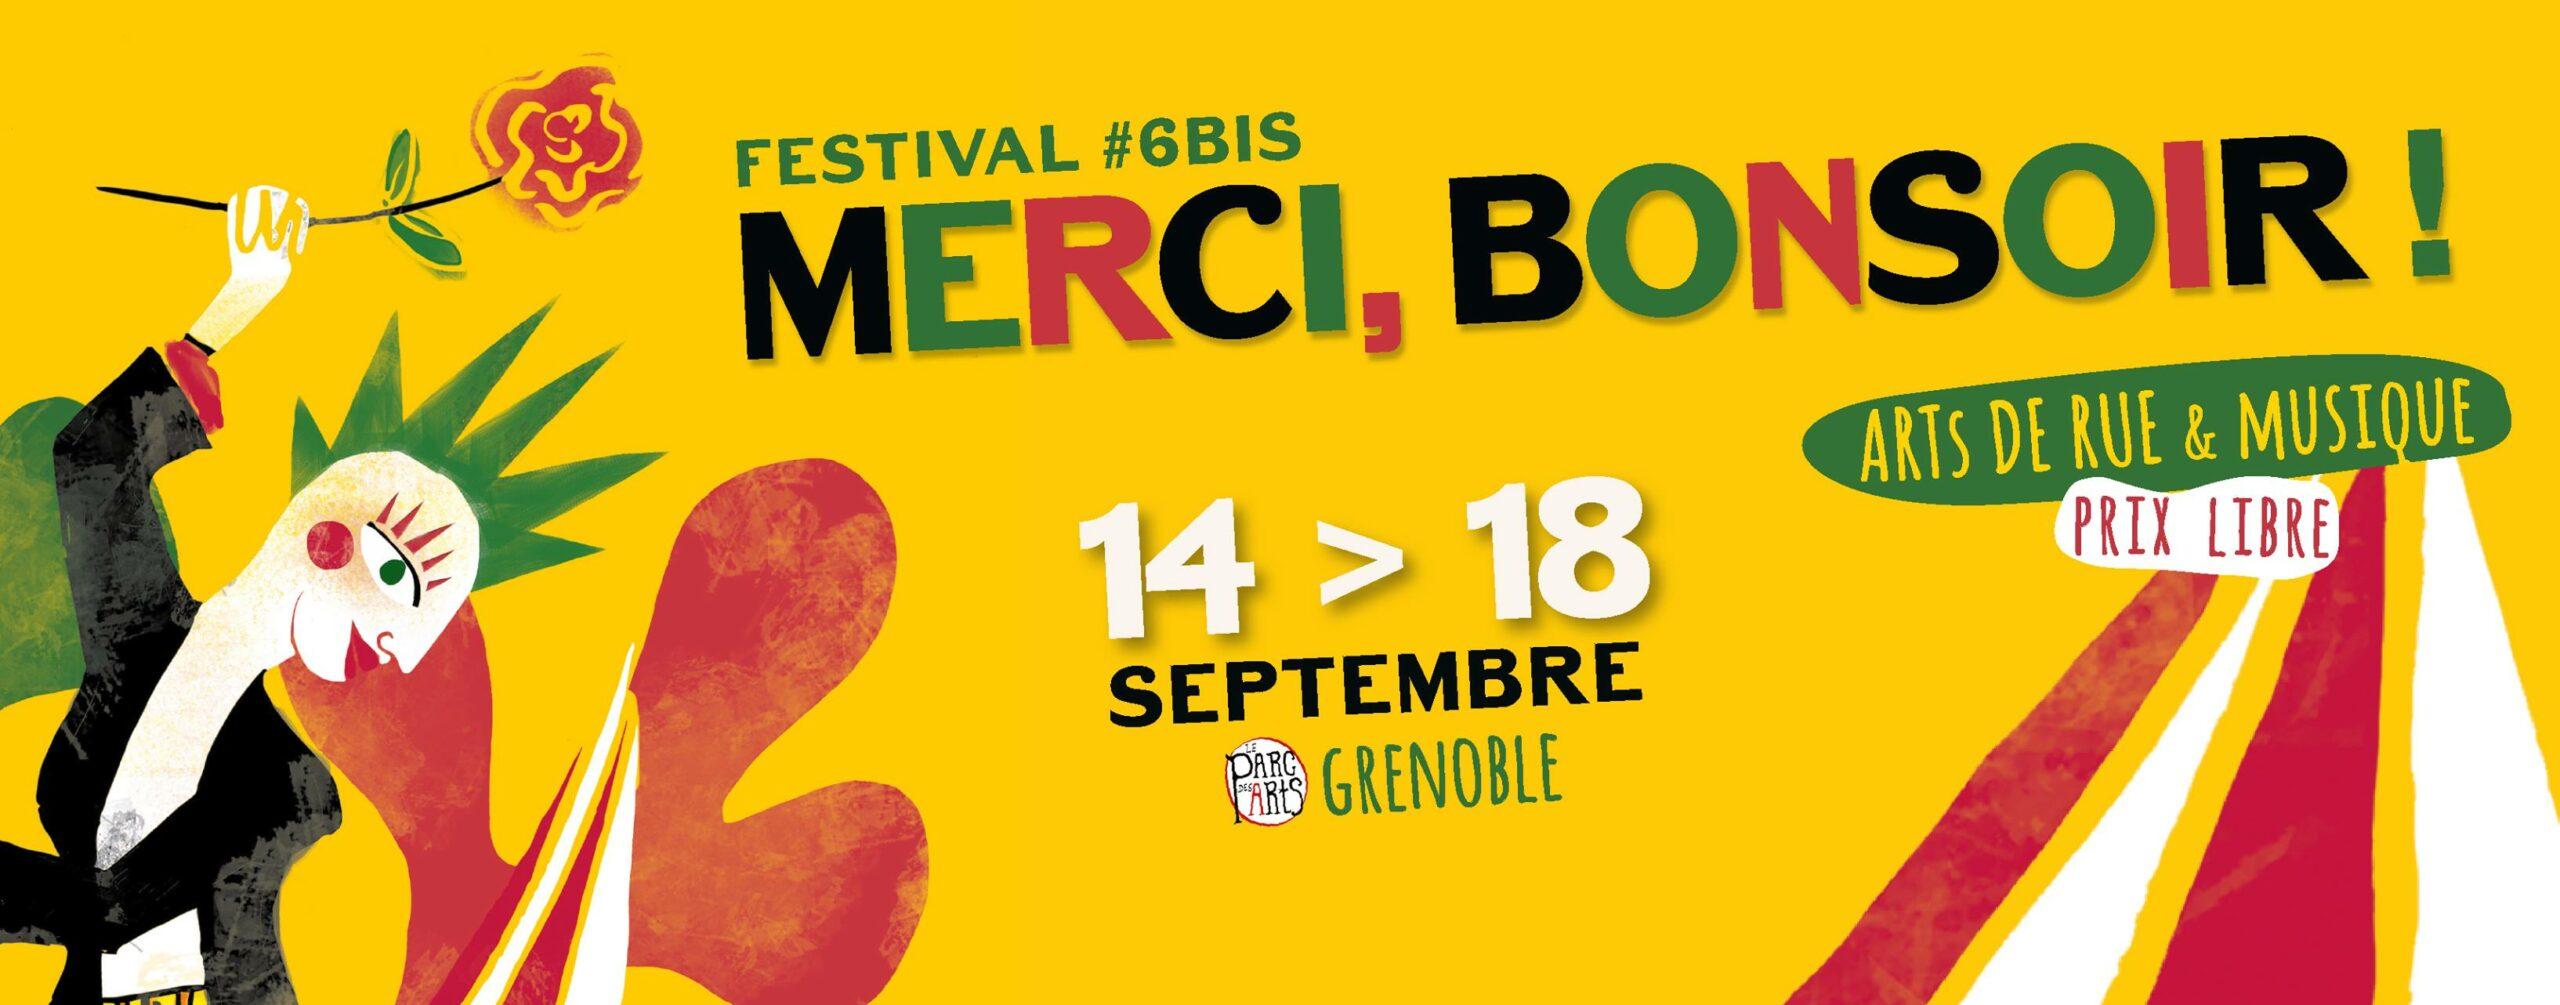 FESTIVAL MERCI, BONSOIR ! #6BIS